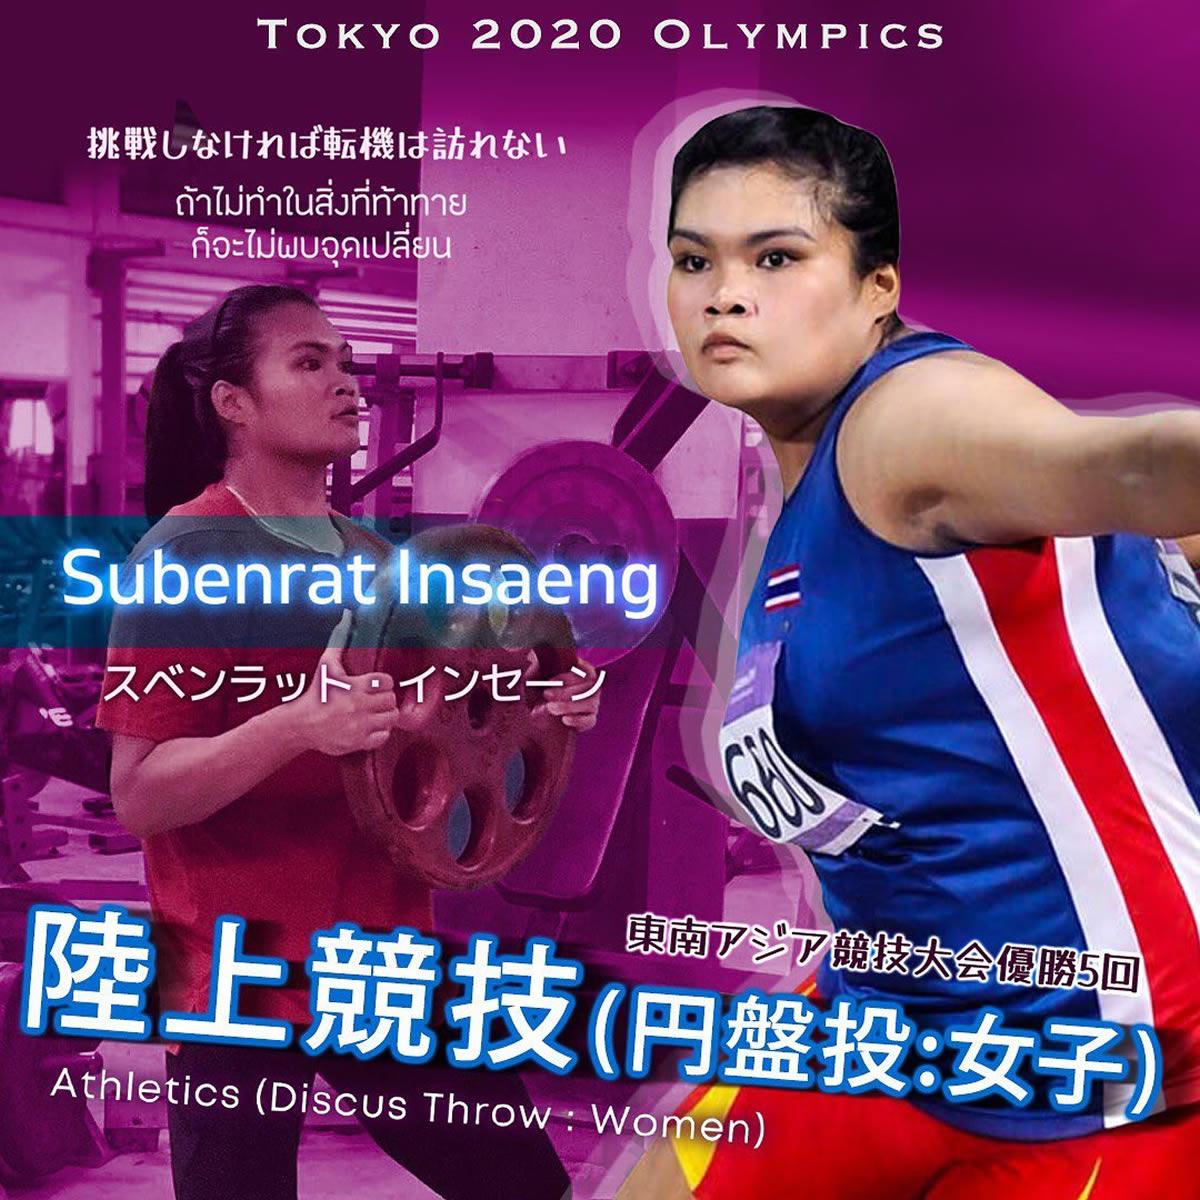 スベンラット・インセーン選手[女子陸上 タイ代表]東京2020オリンピック